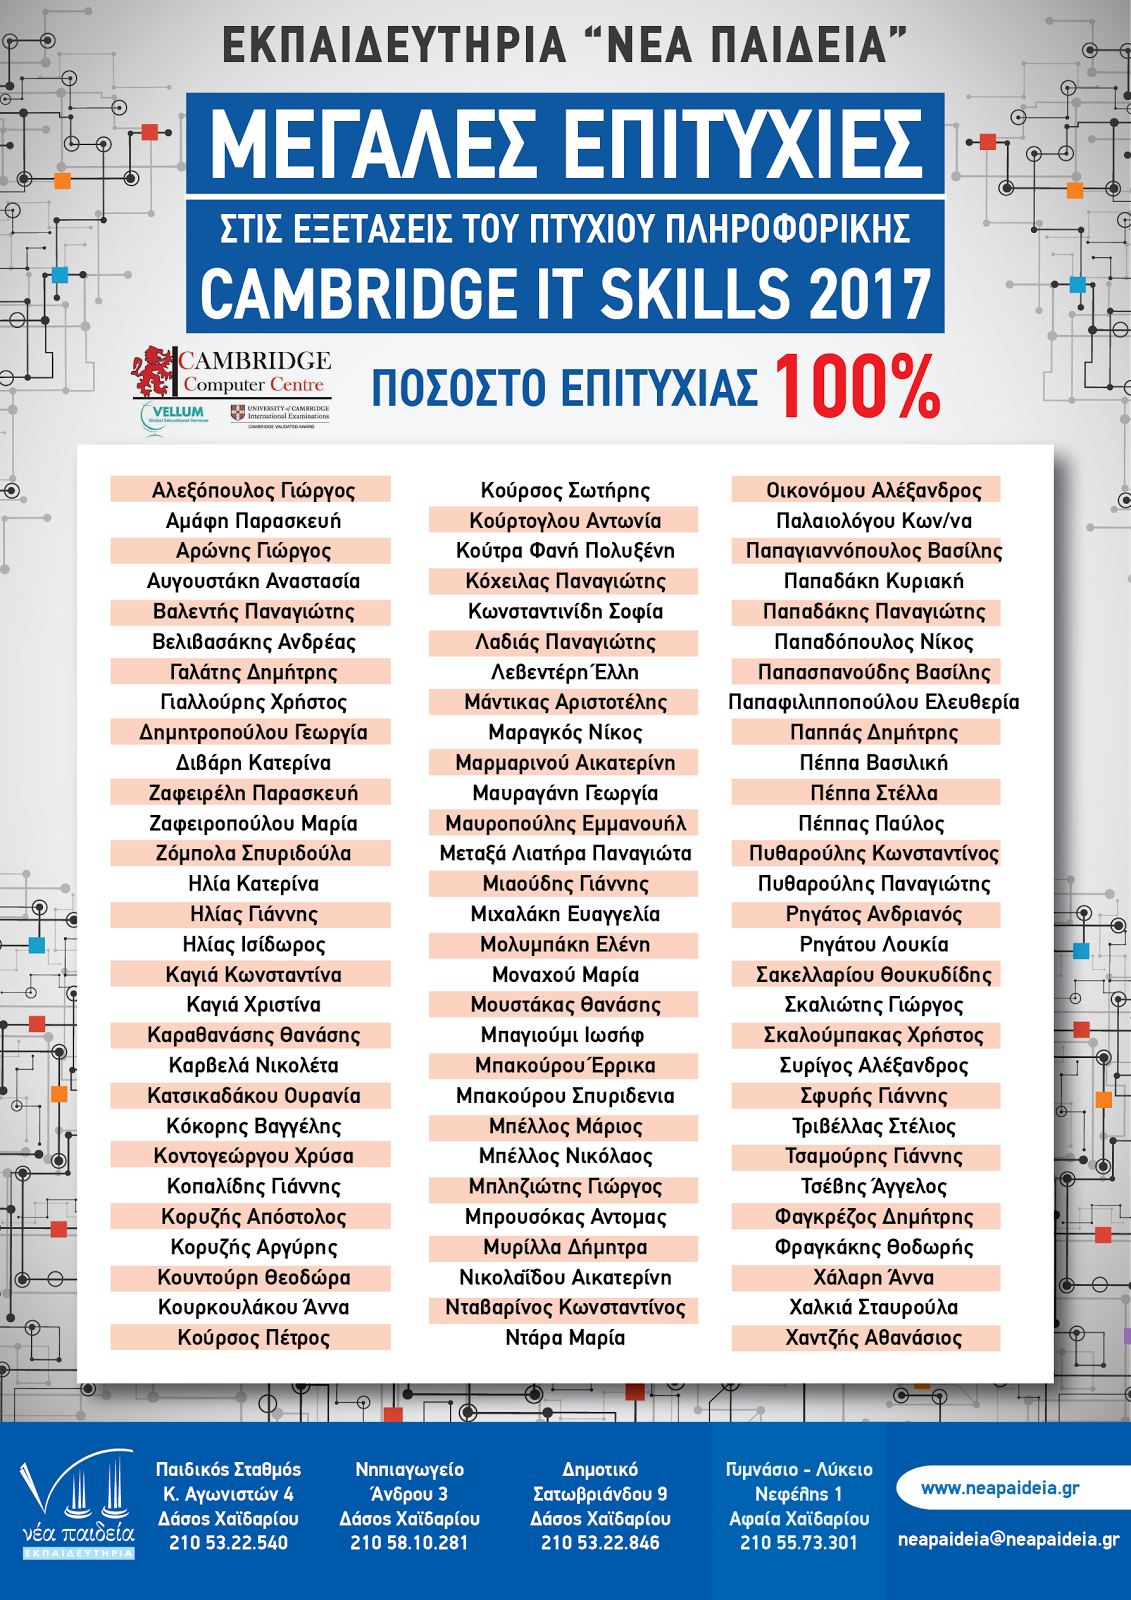 ΠΤΥΧΙΑ ΠΛΗΡΟΦΟΡΙΚΗΣ CAMBRIDGE IT SKILLS 2017